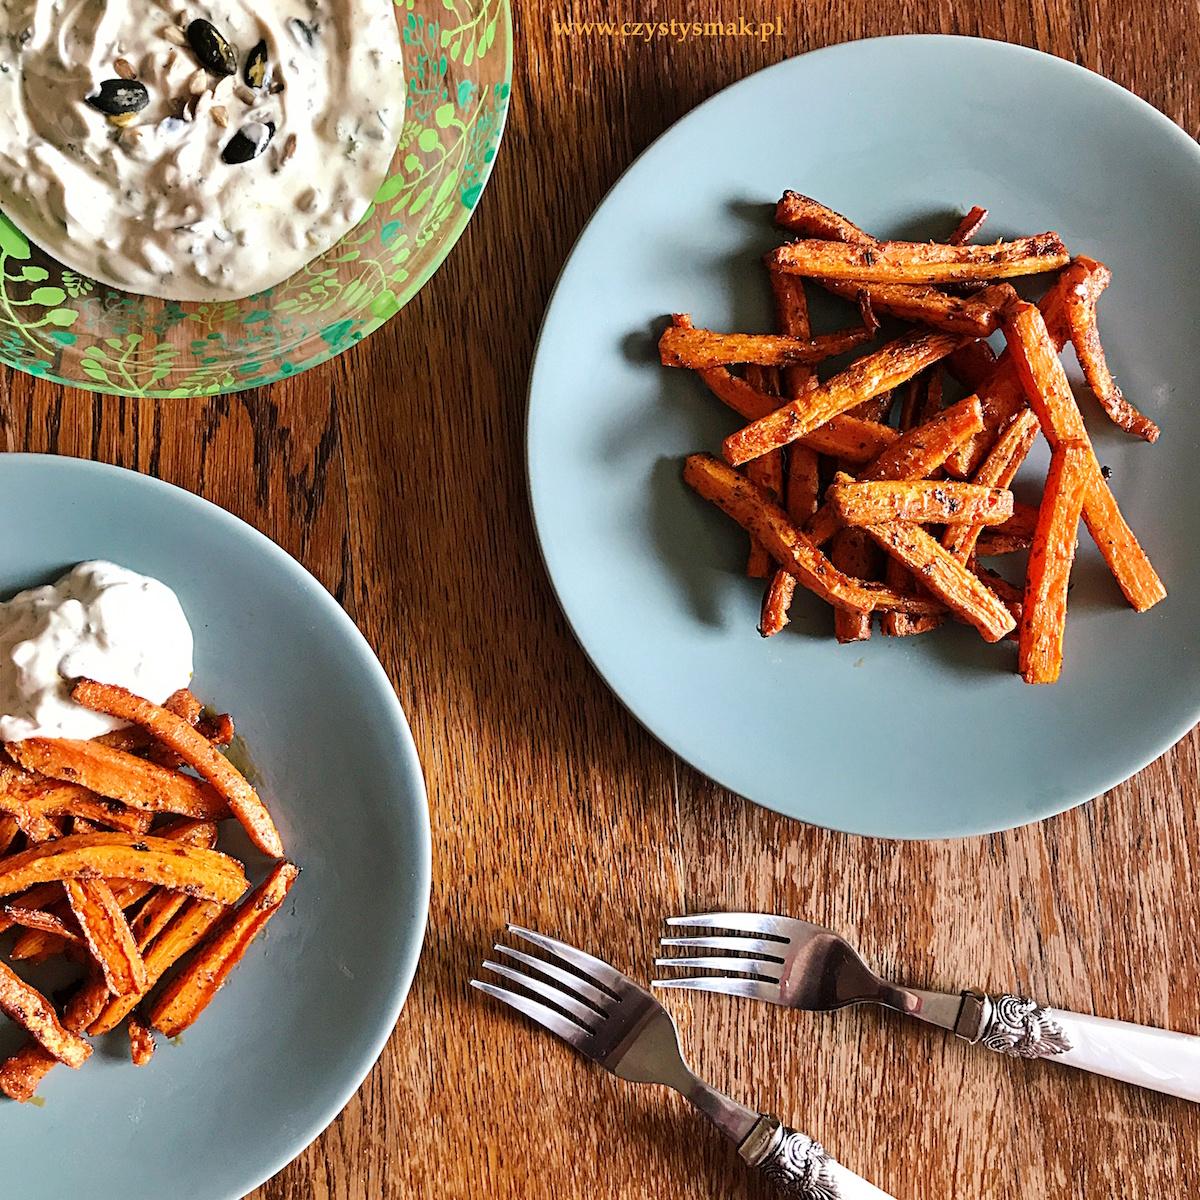 Frytki na płodność czyli frytki z marchewki